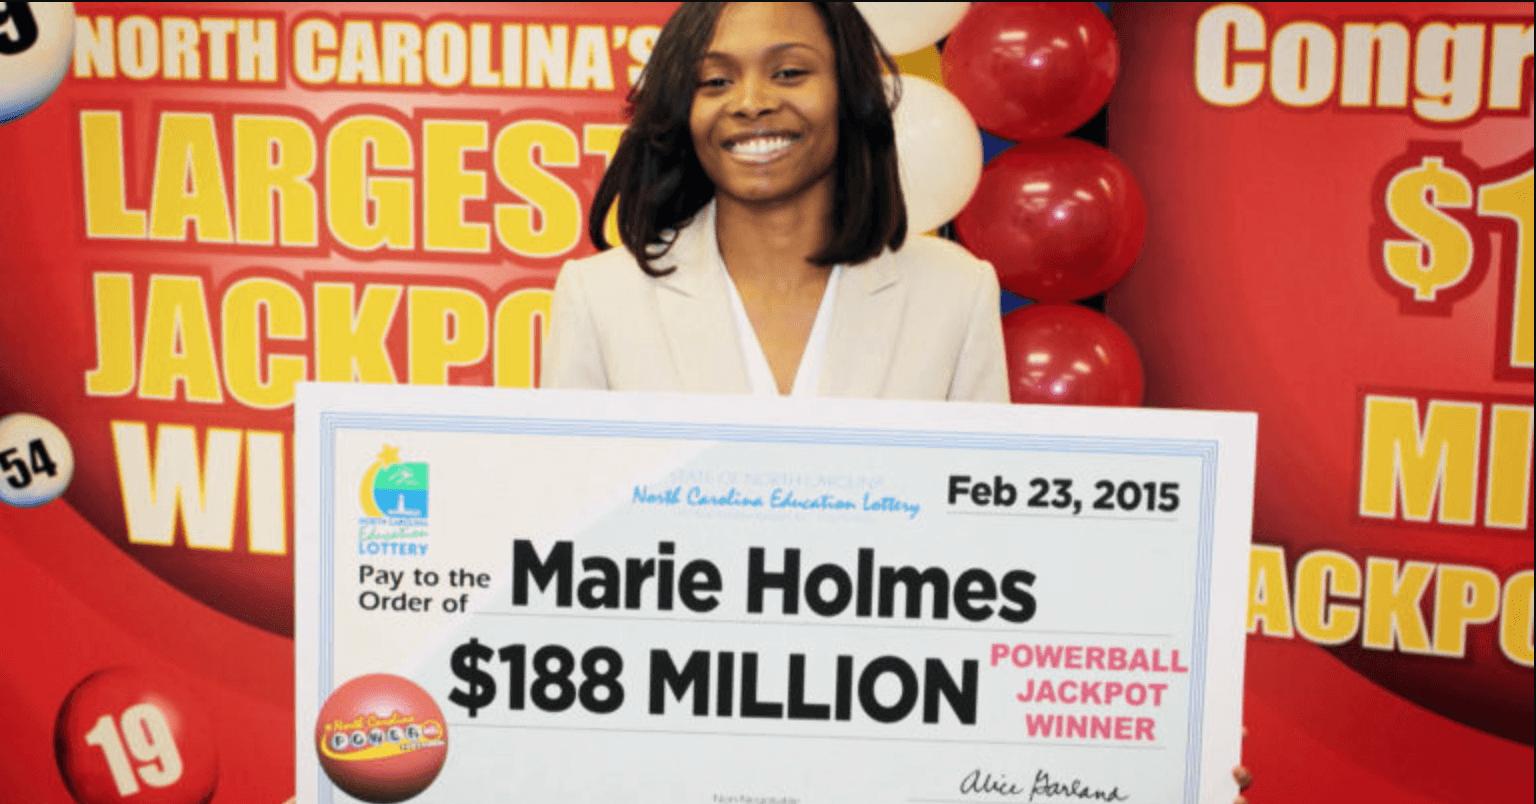 Marie Holmes lotto winner